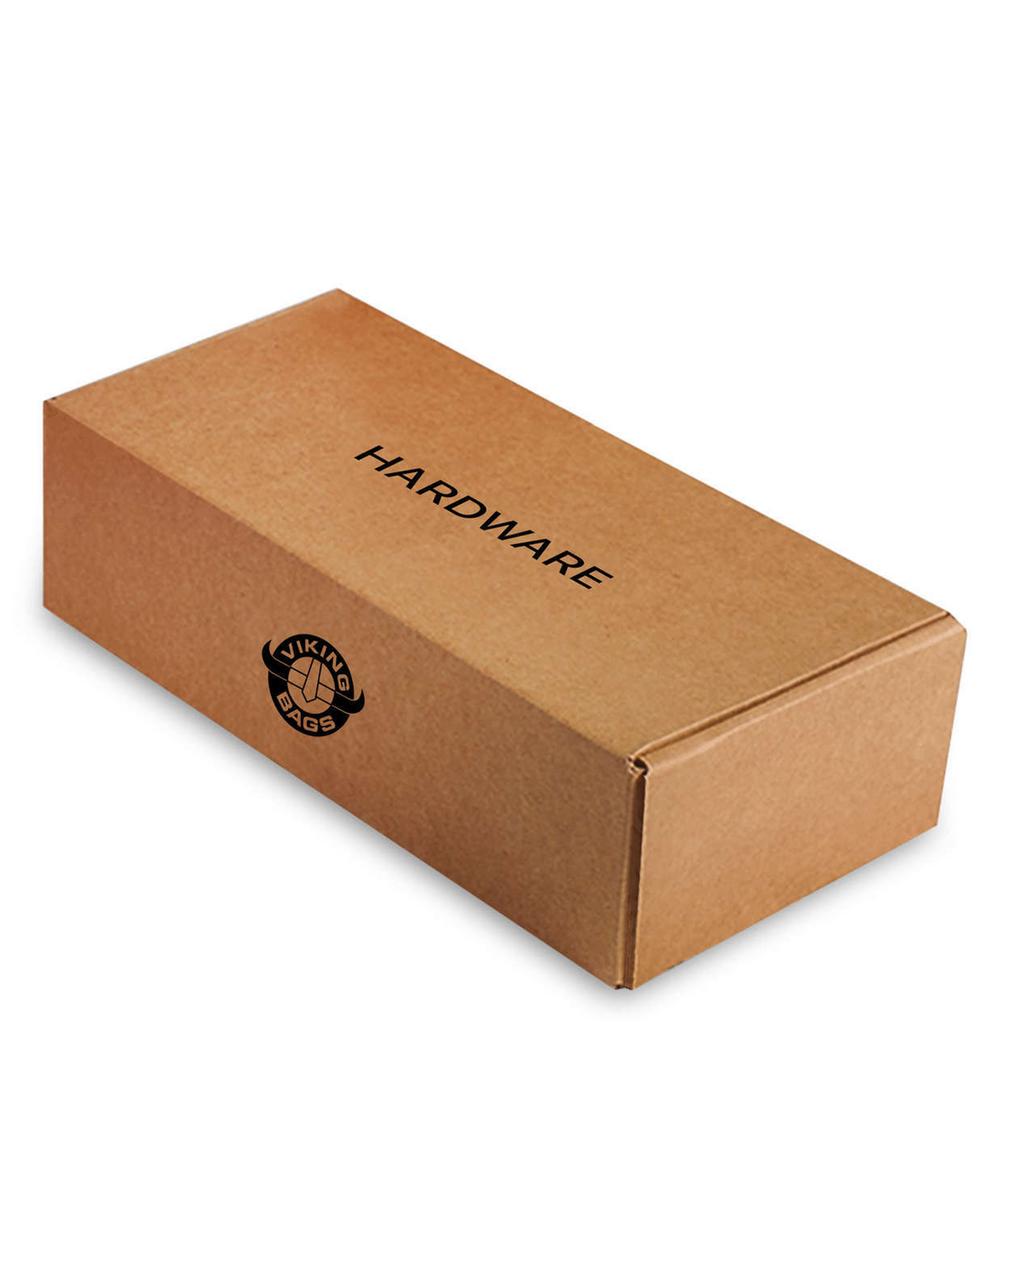 Kawasaki Vulcan S ABS Cafe Viking Lamellar Large Black Hard Saddlebags Hardware Box